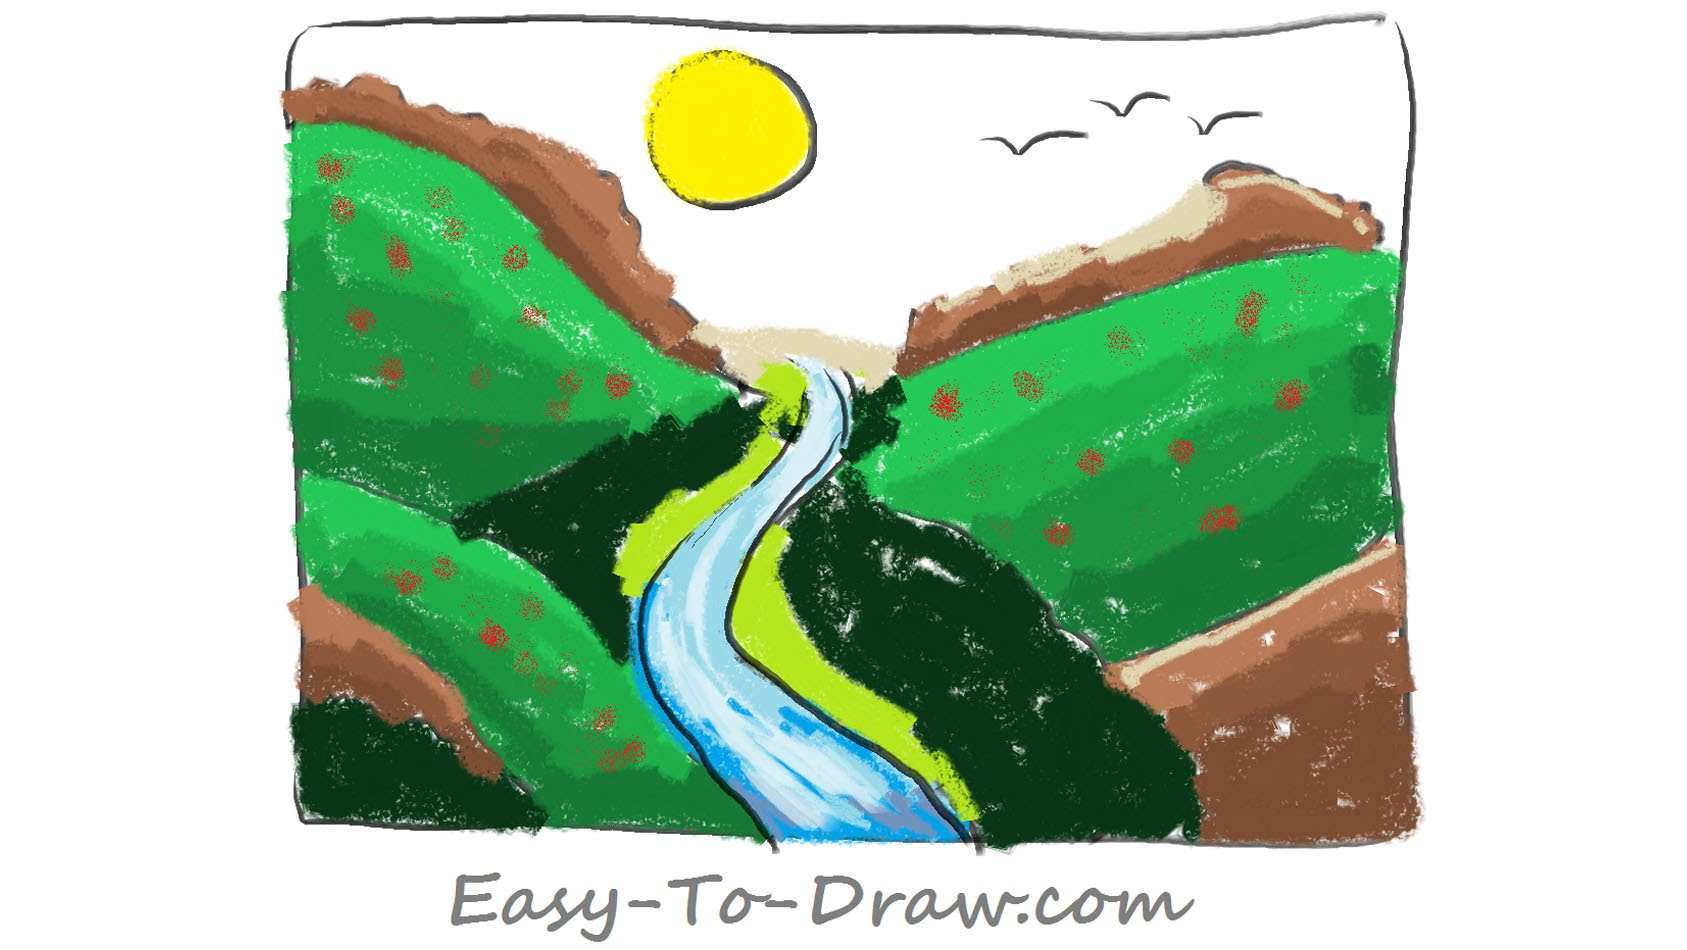 Drawn river cartoon A How Free plentiful Easy